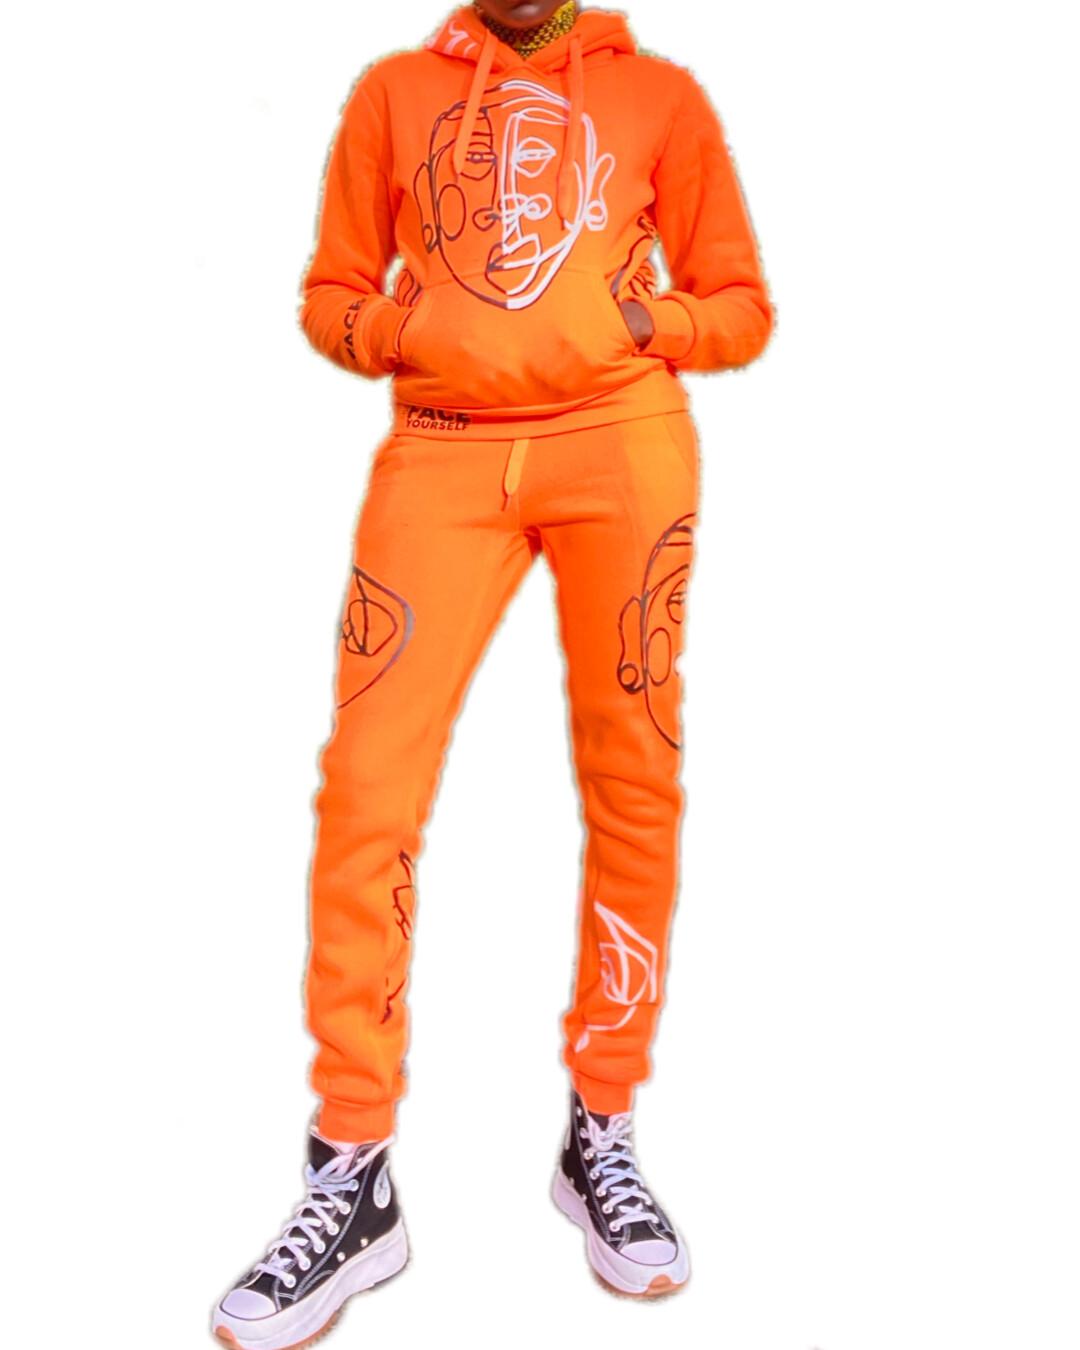 'Face Yourself' 2. Piece Sweatsuit